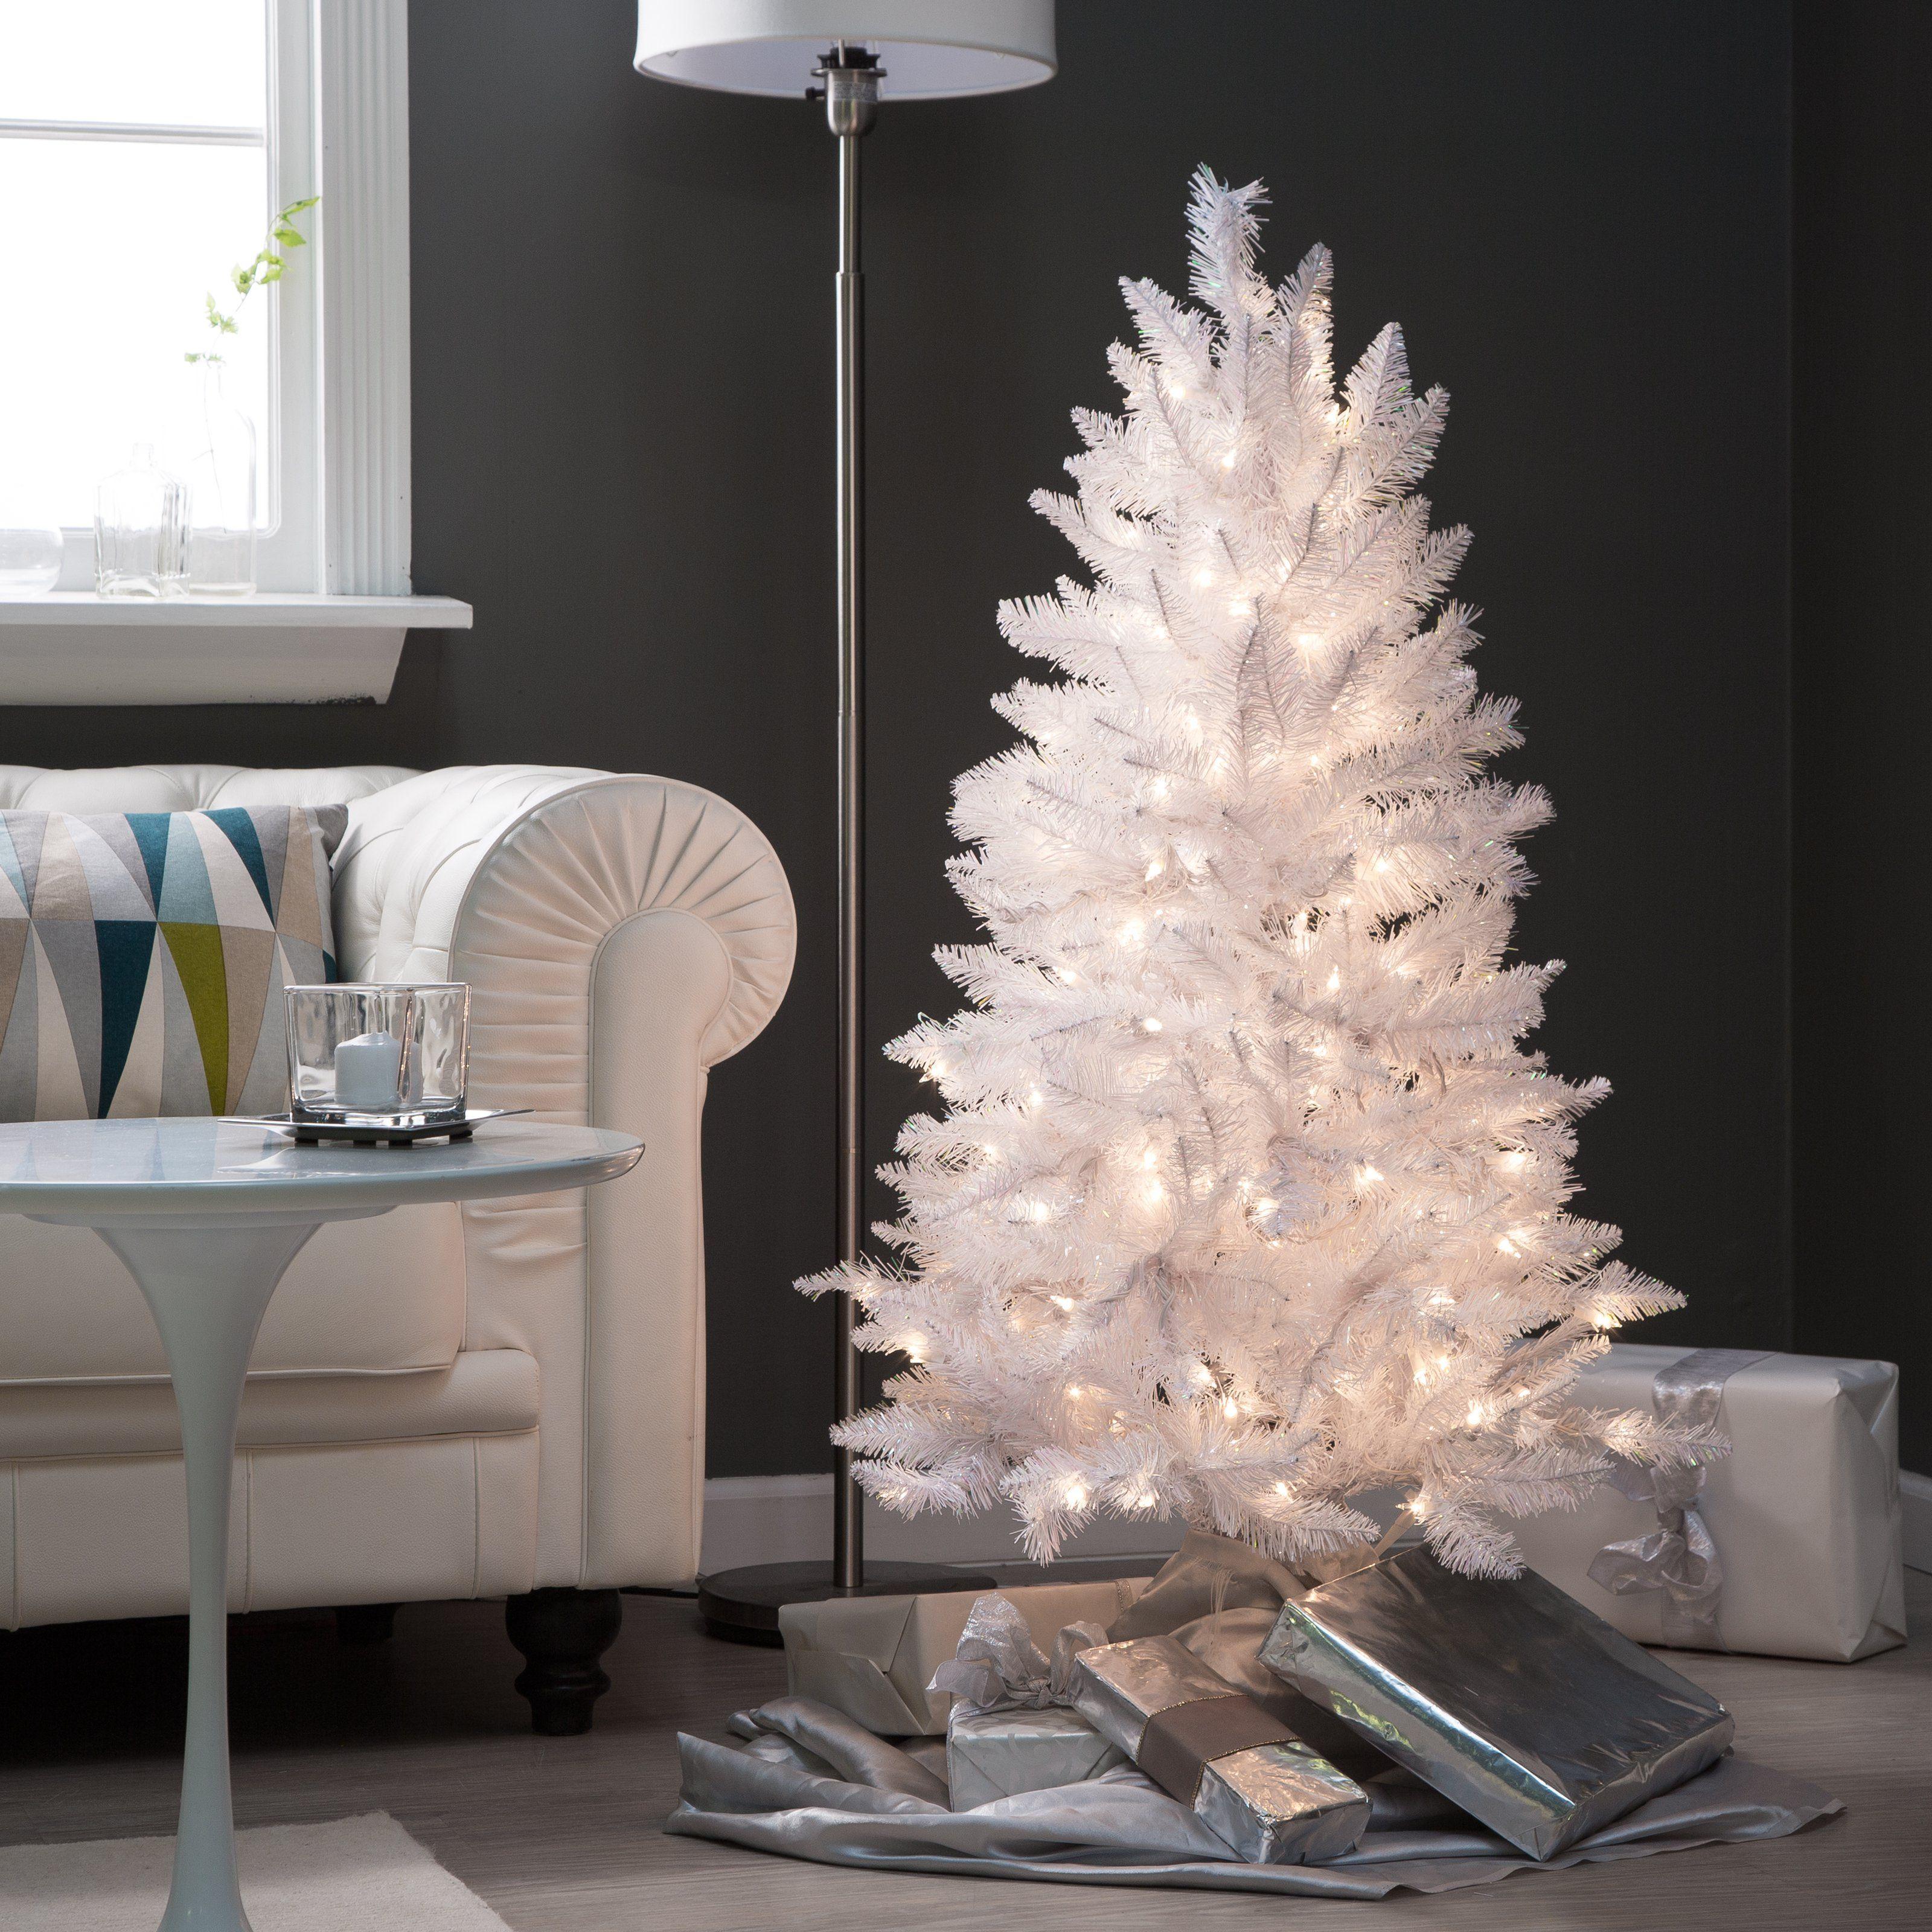 4 Ft White Tiffany Tinsel Pre Lit Christmas Tree By Sterling Tree Company Www White Christmas Tree Decorations White Christmas Trees Pre Lit Christmas Tree